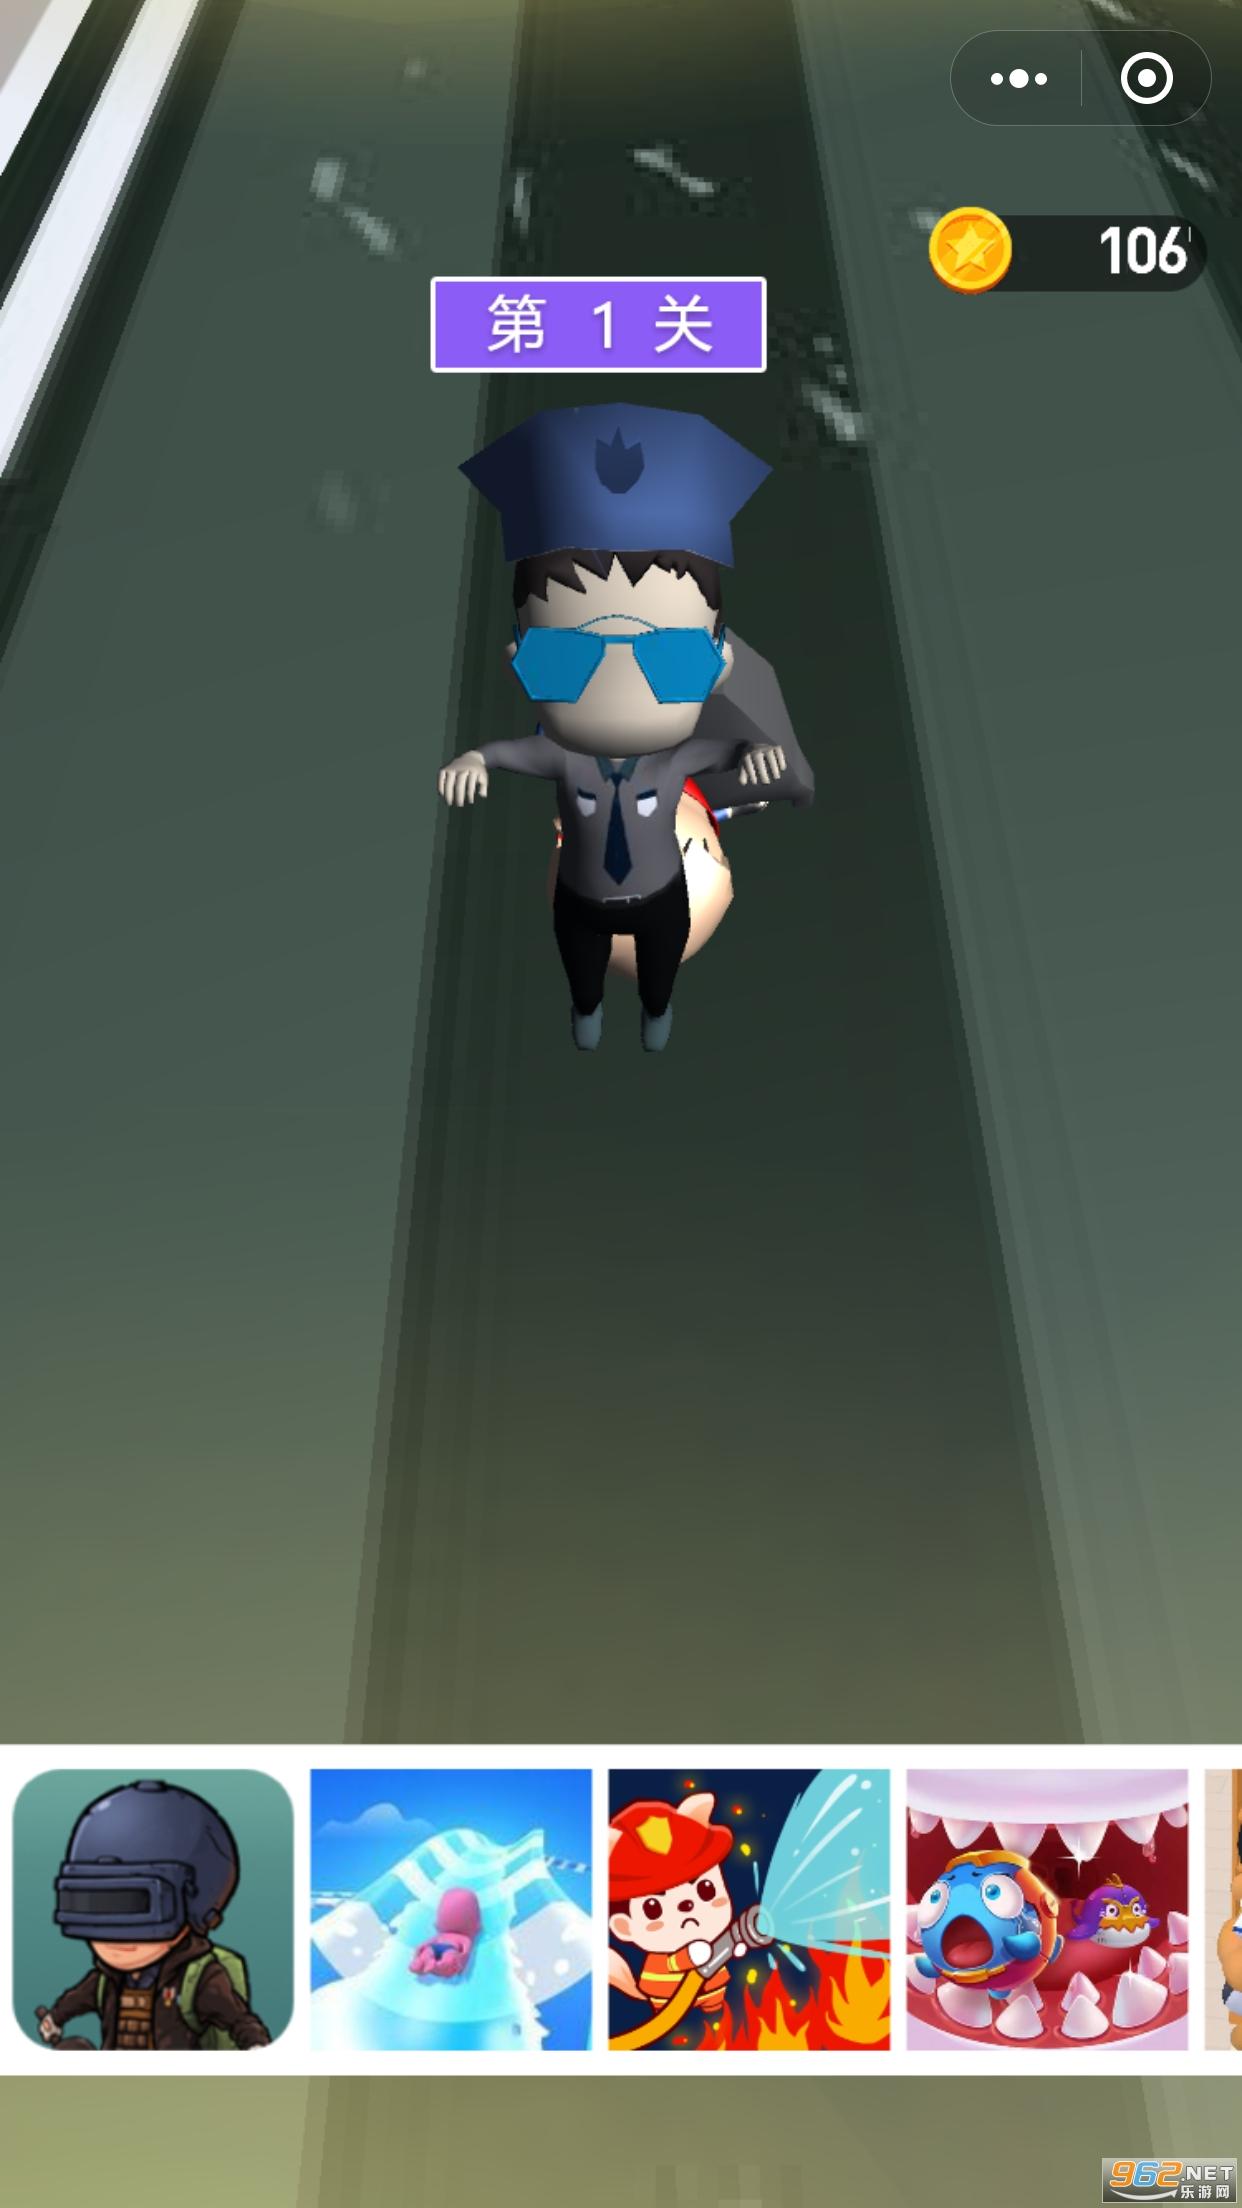 警察捉小偷小游戏小程序截图2